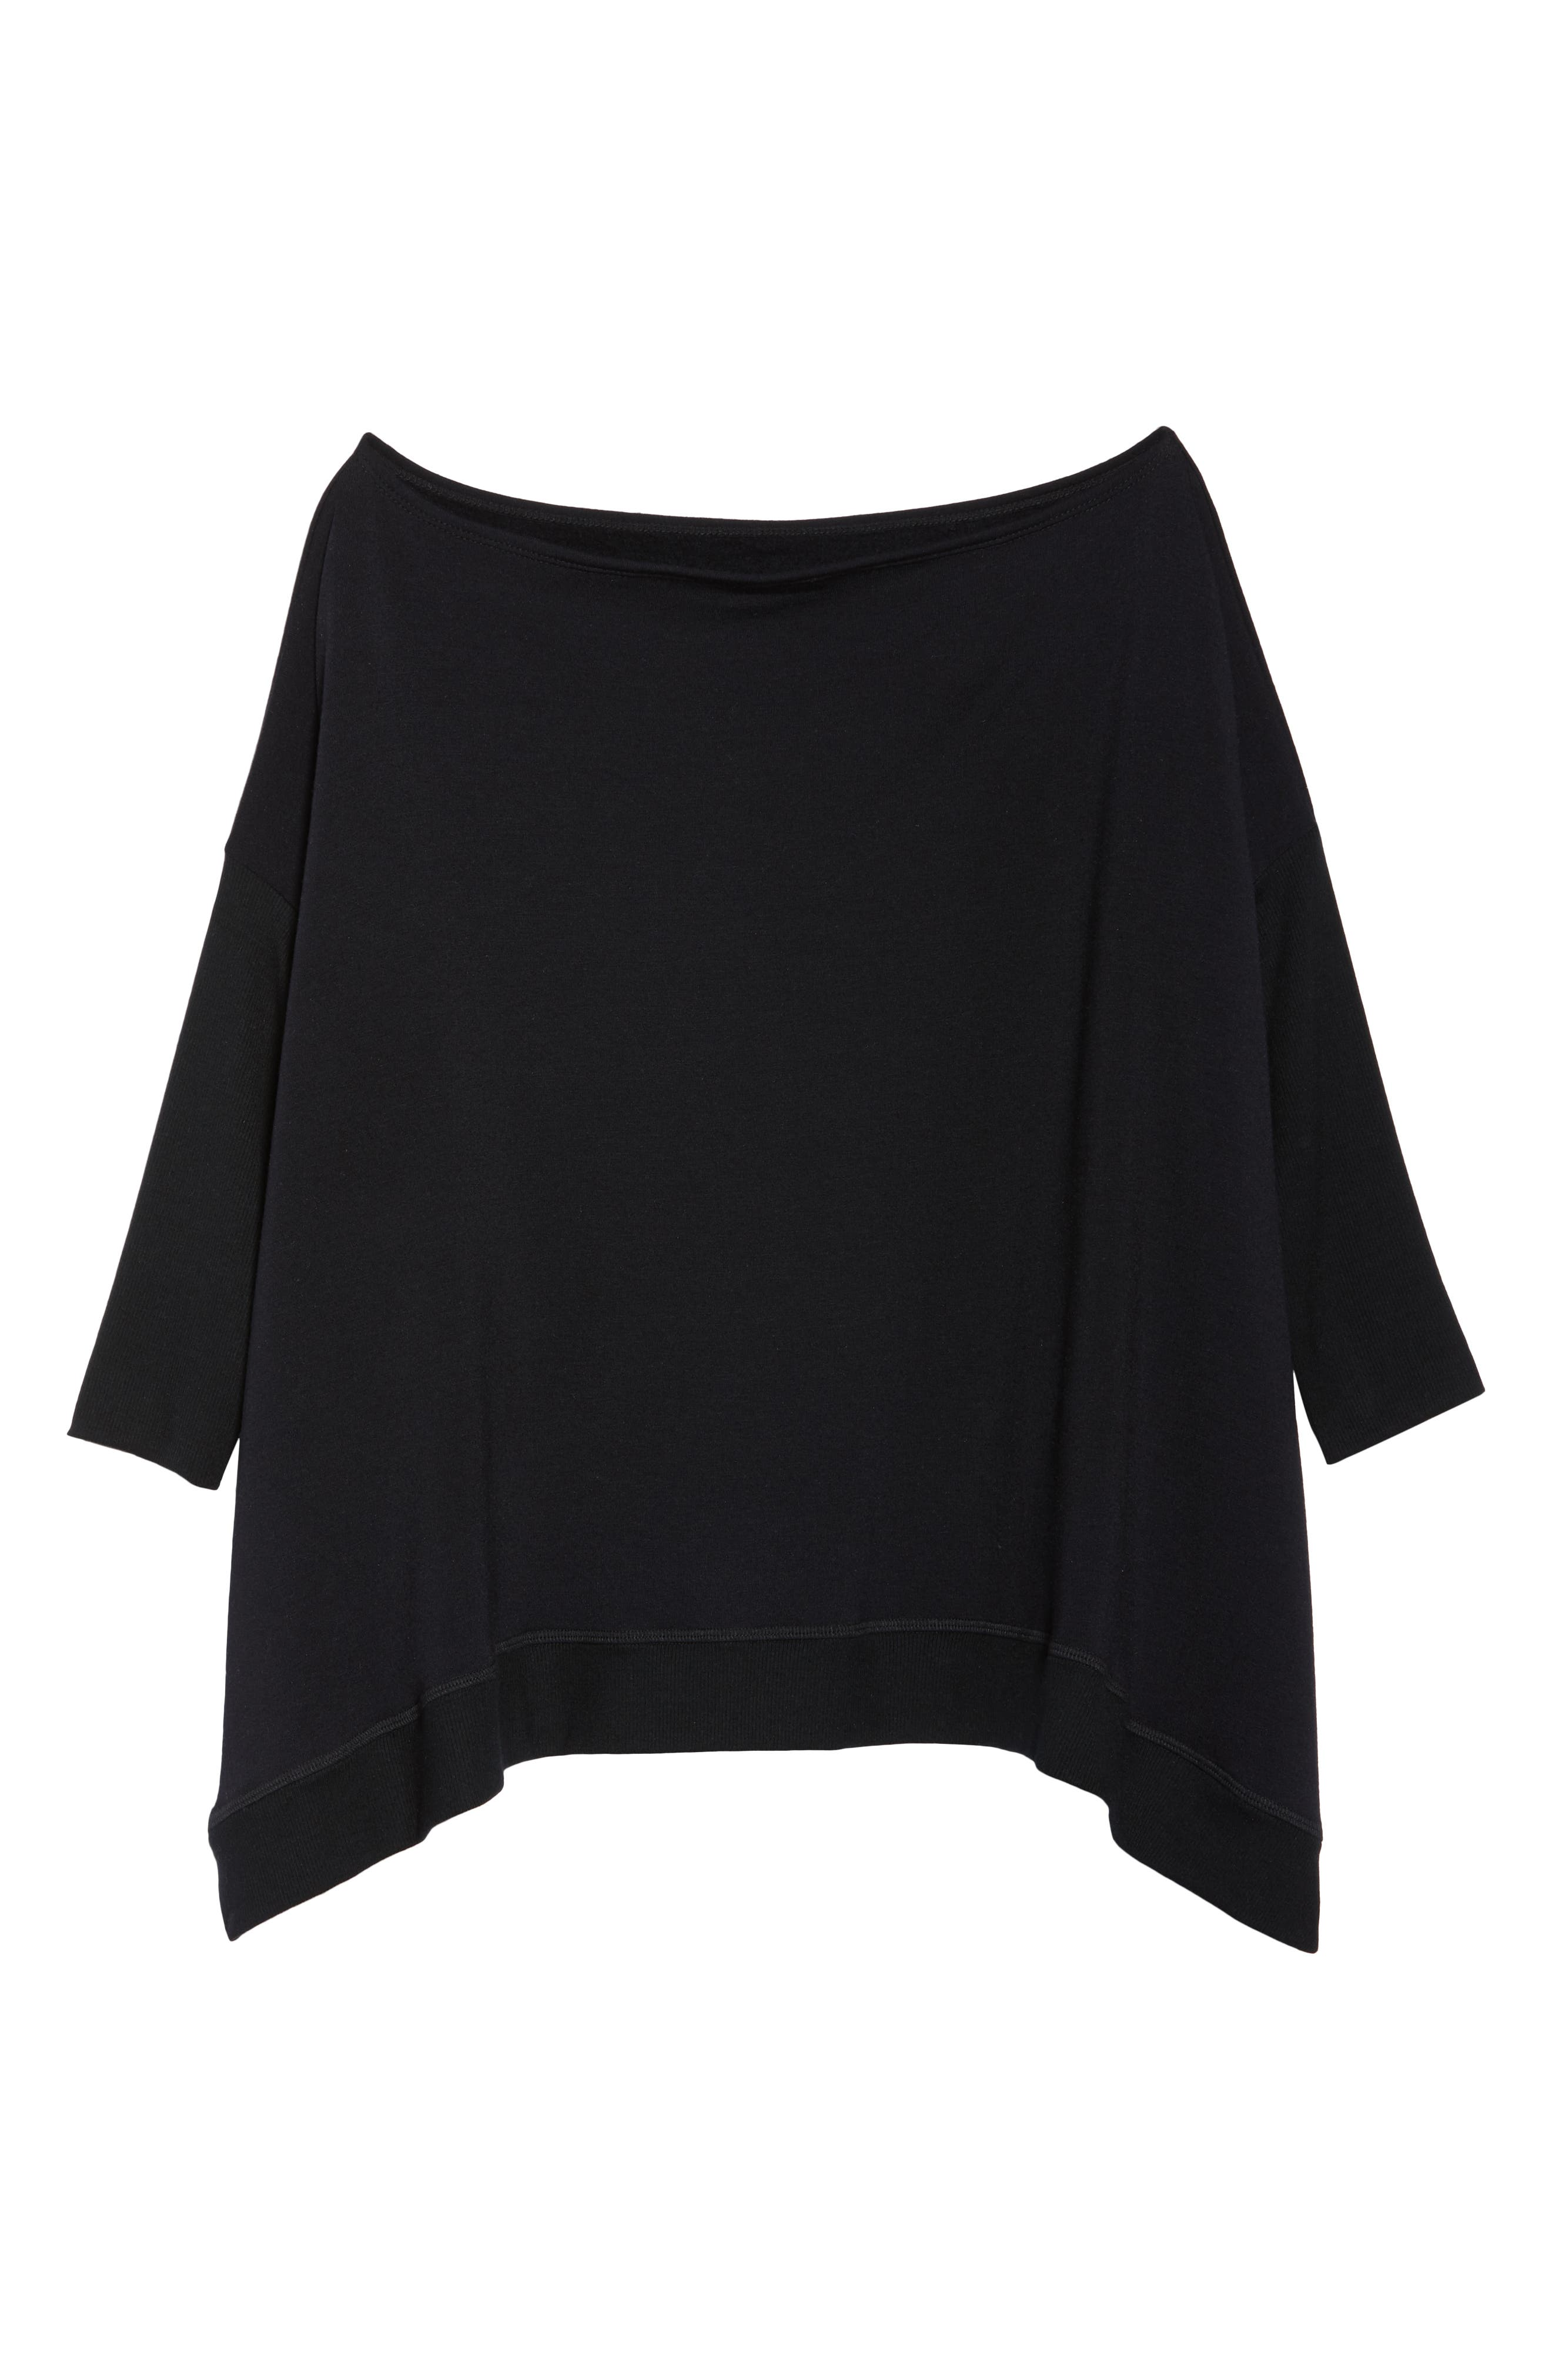 'Cozy' Convertible Fleece Pullover,                             Alternate thumbnail 8, color,                             Black